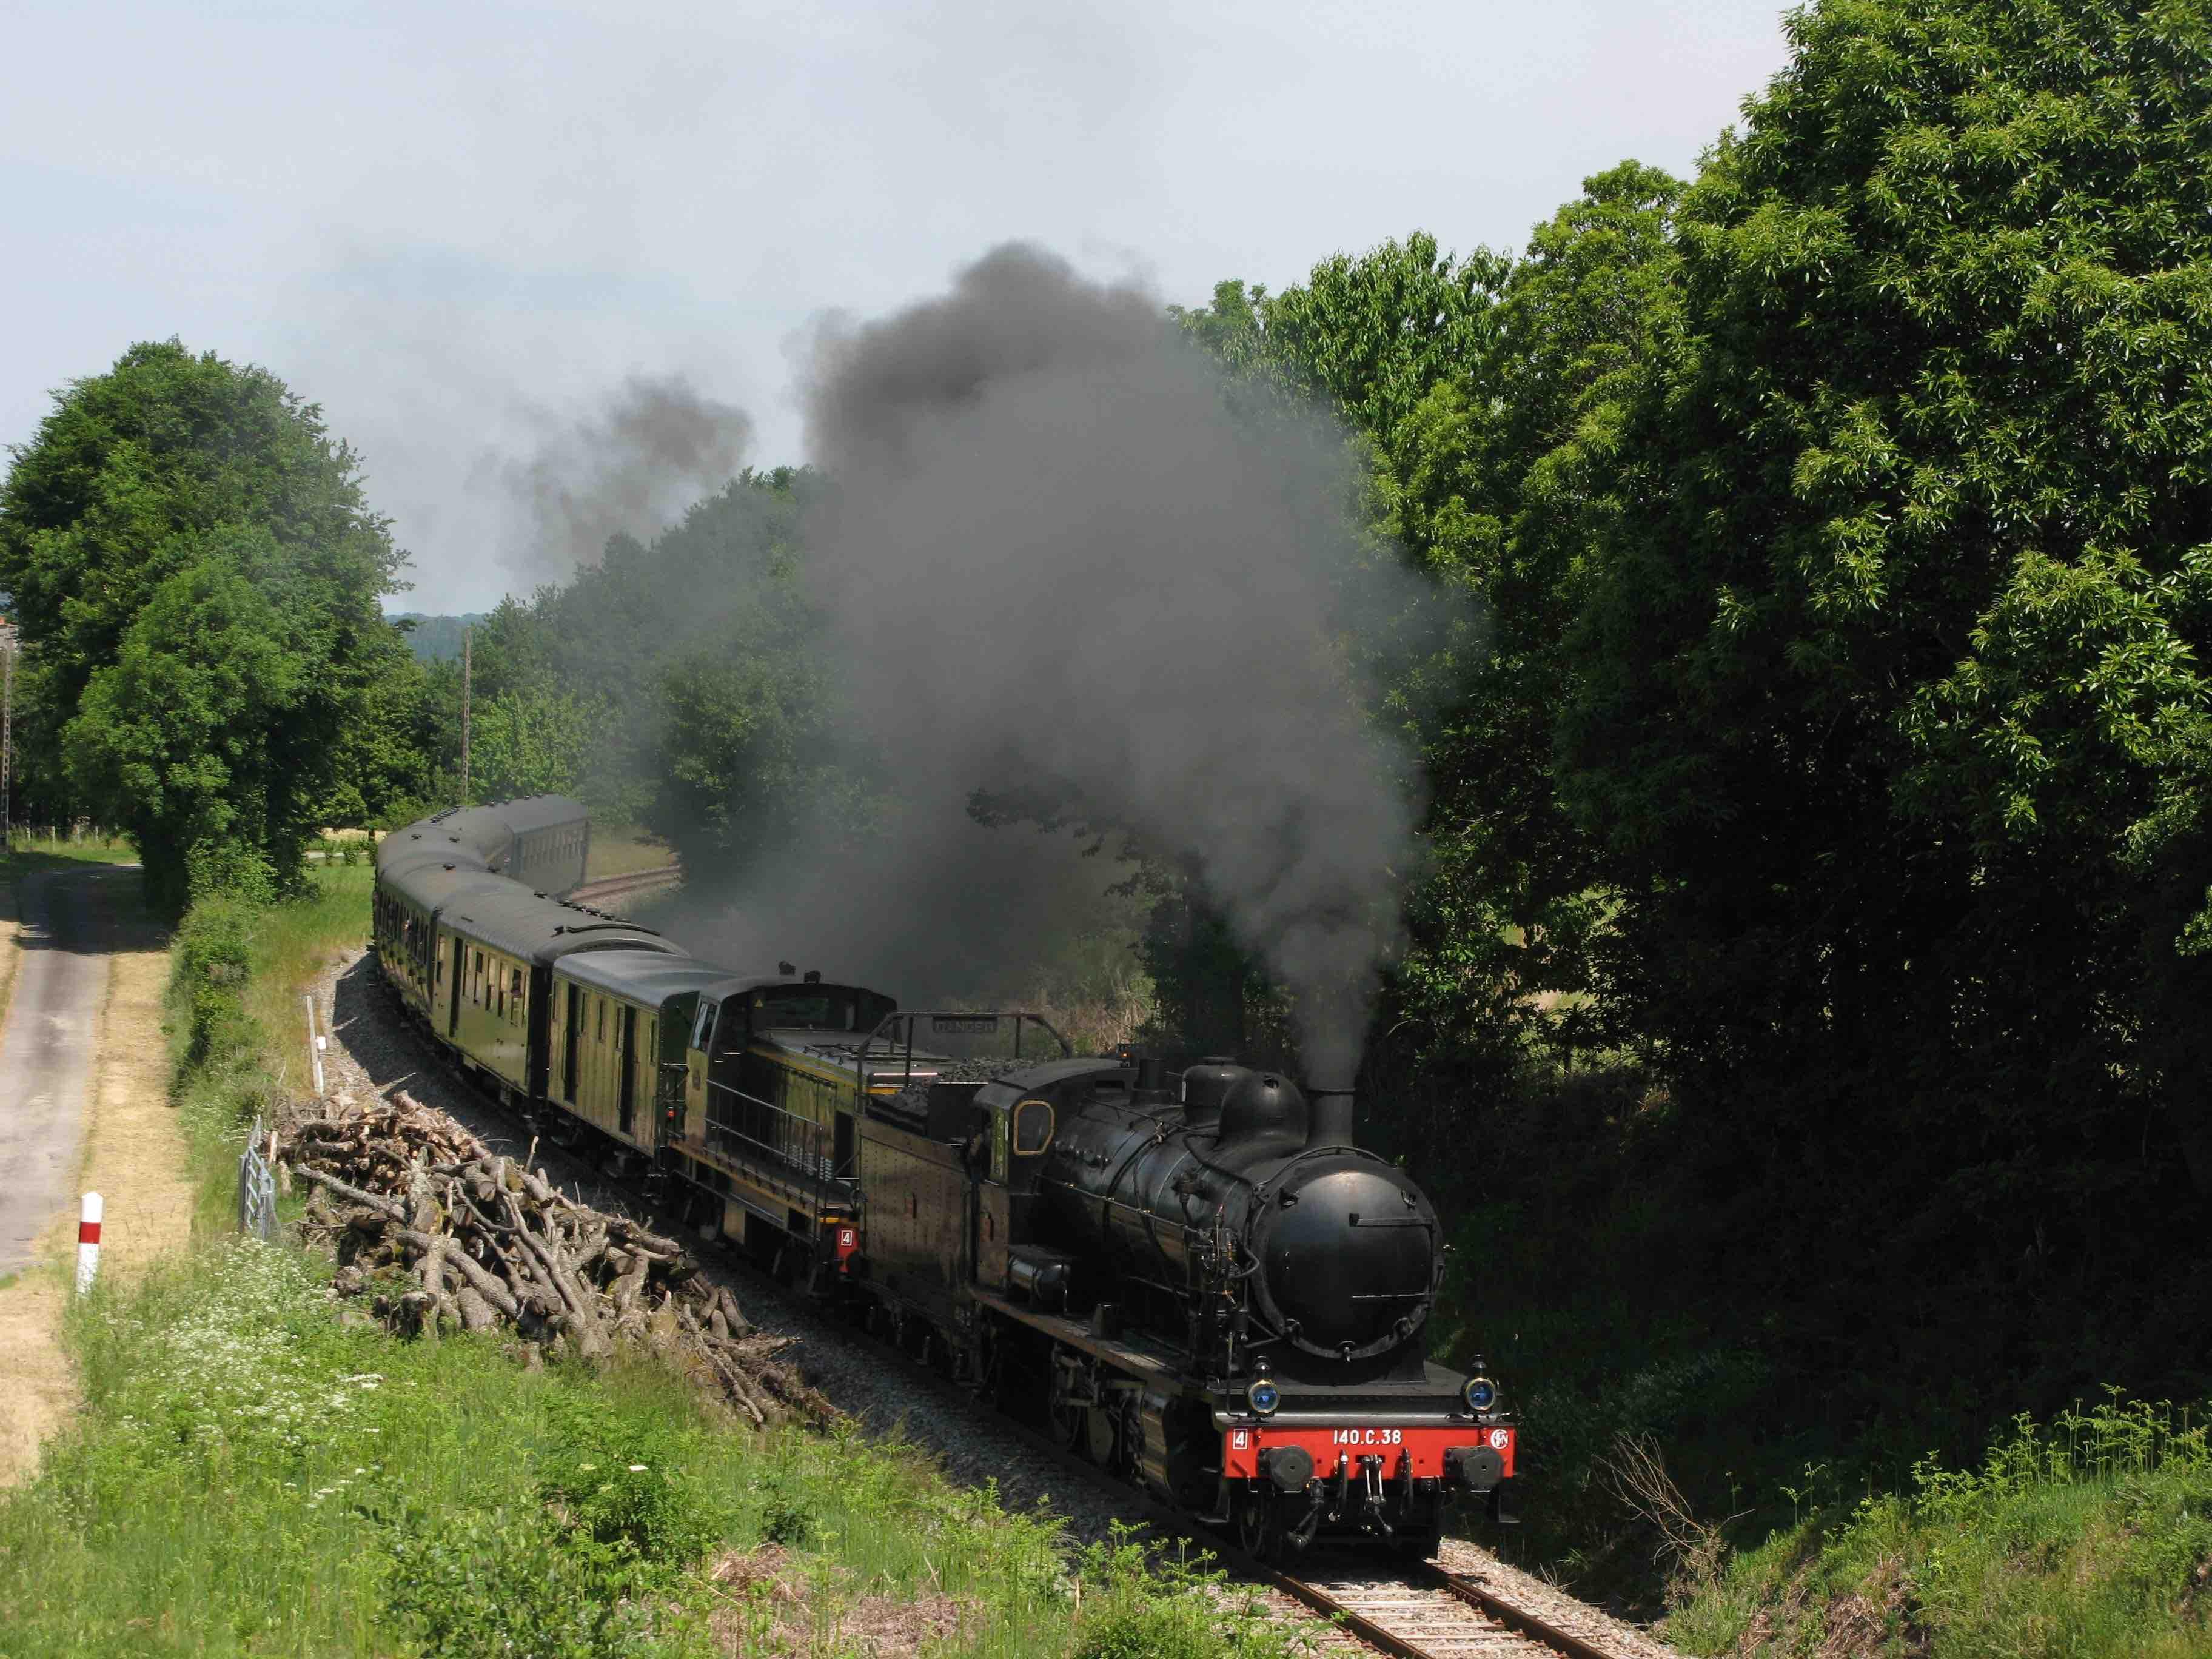 Le train à vapeur dans les monts corréziens peu avant Bugeat. Photo : CFTLP